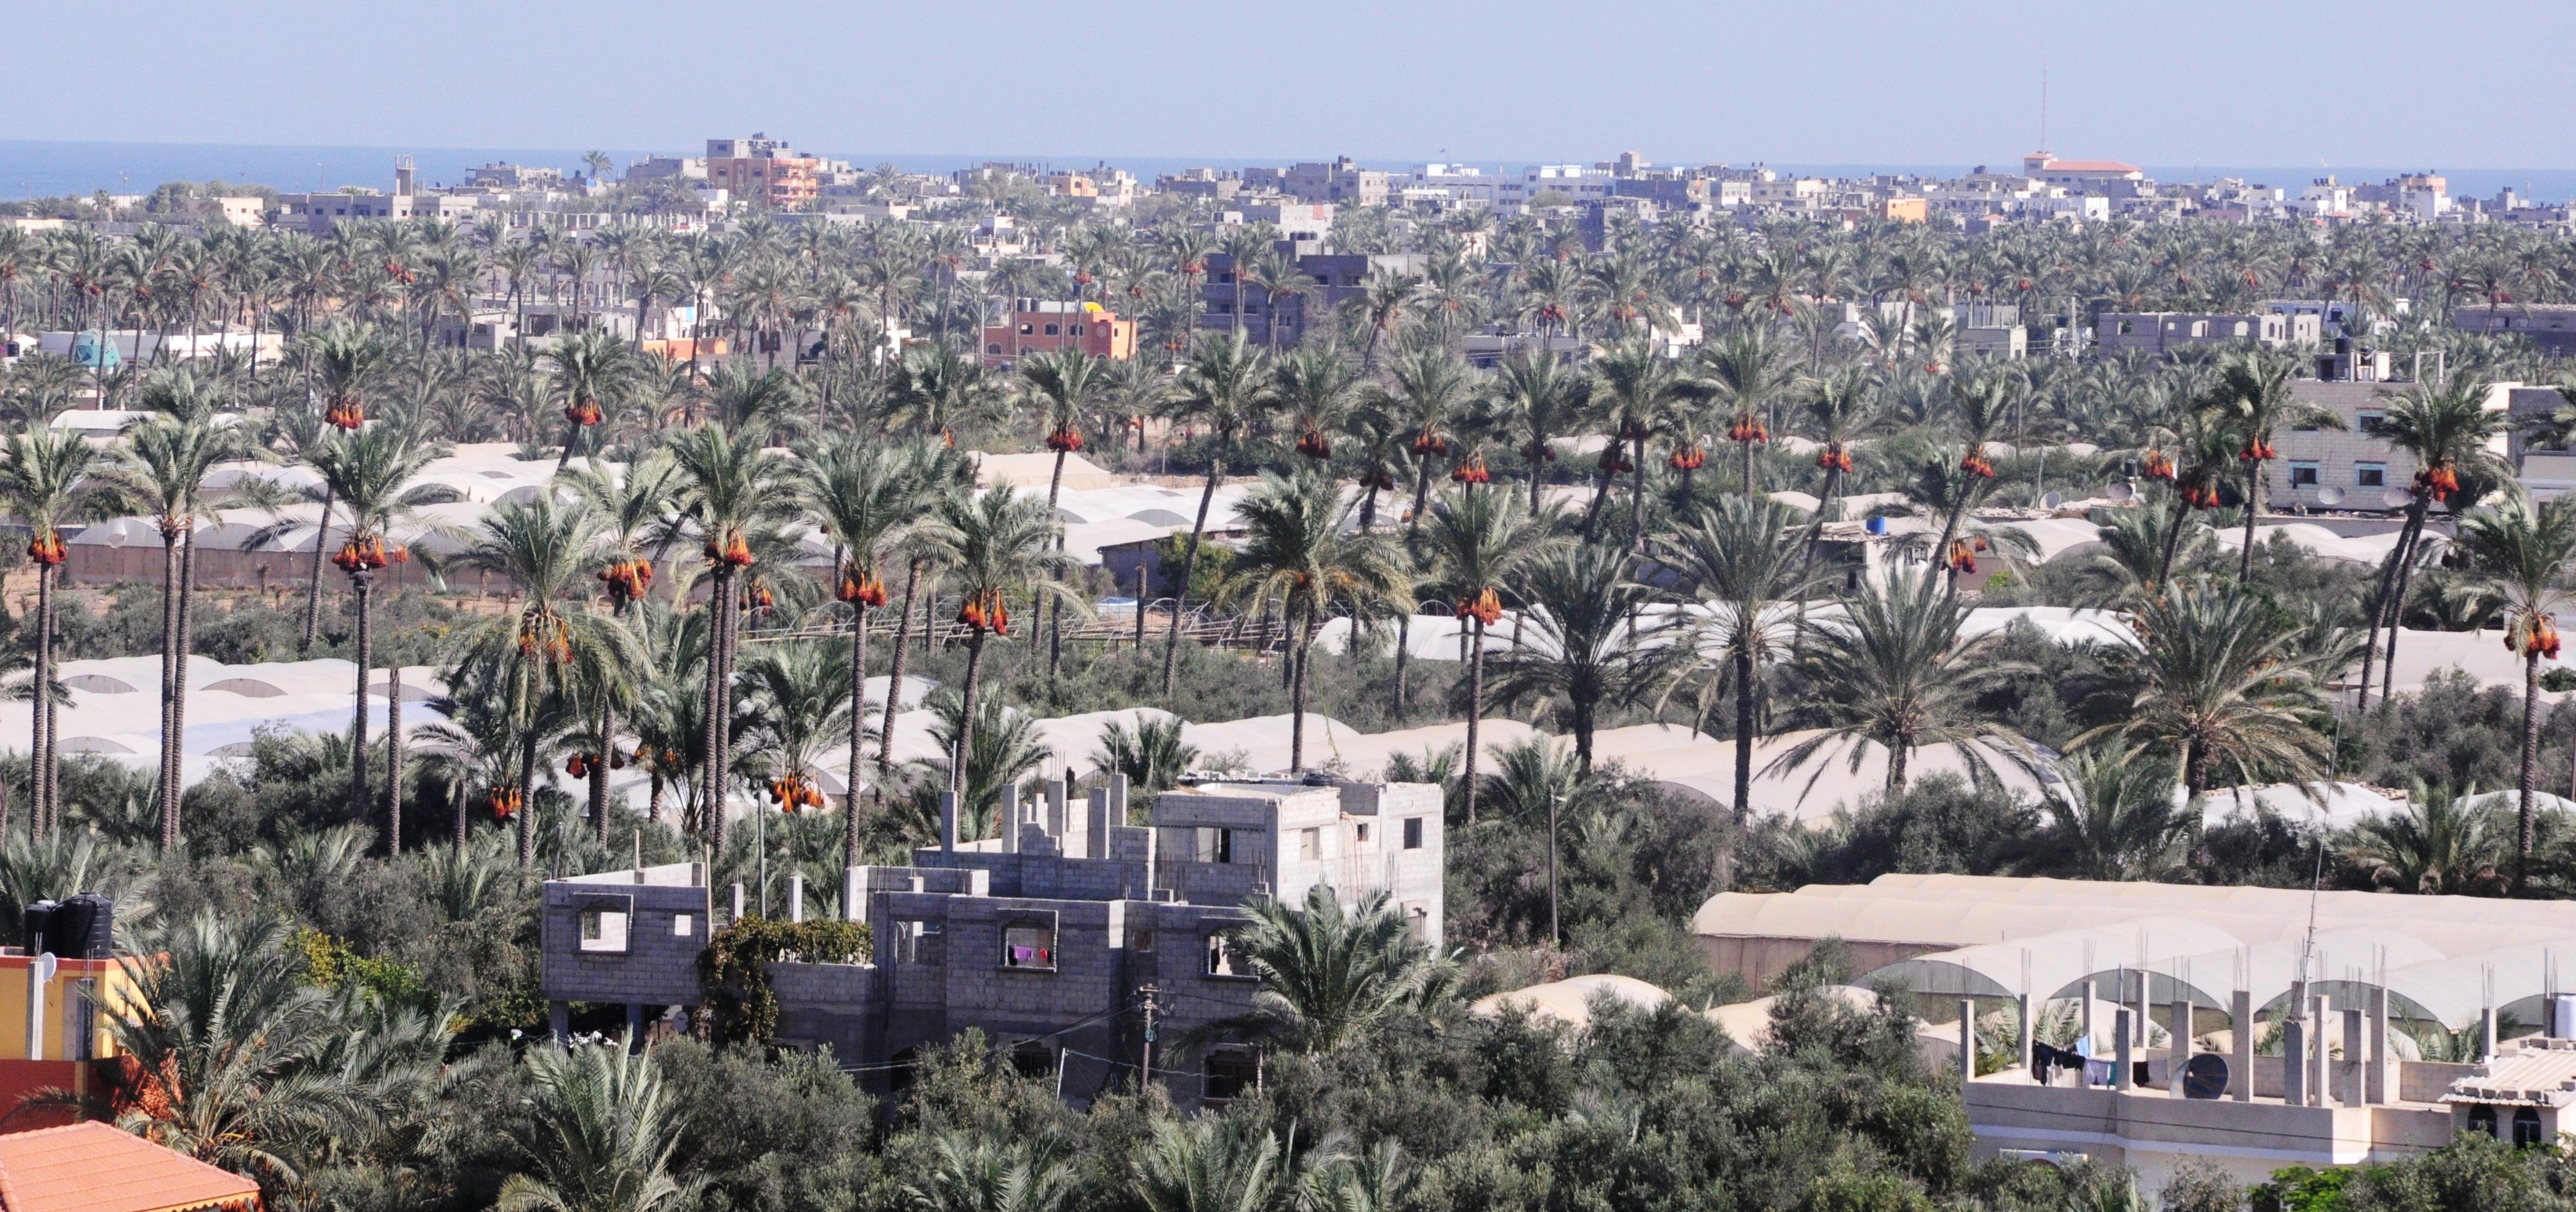 مدينة دير البلح